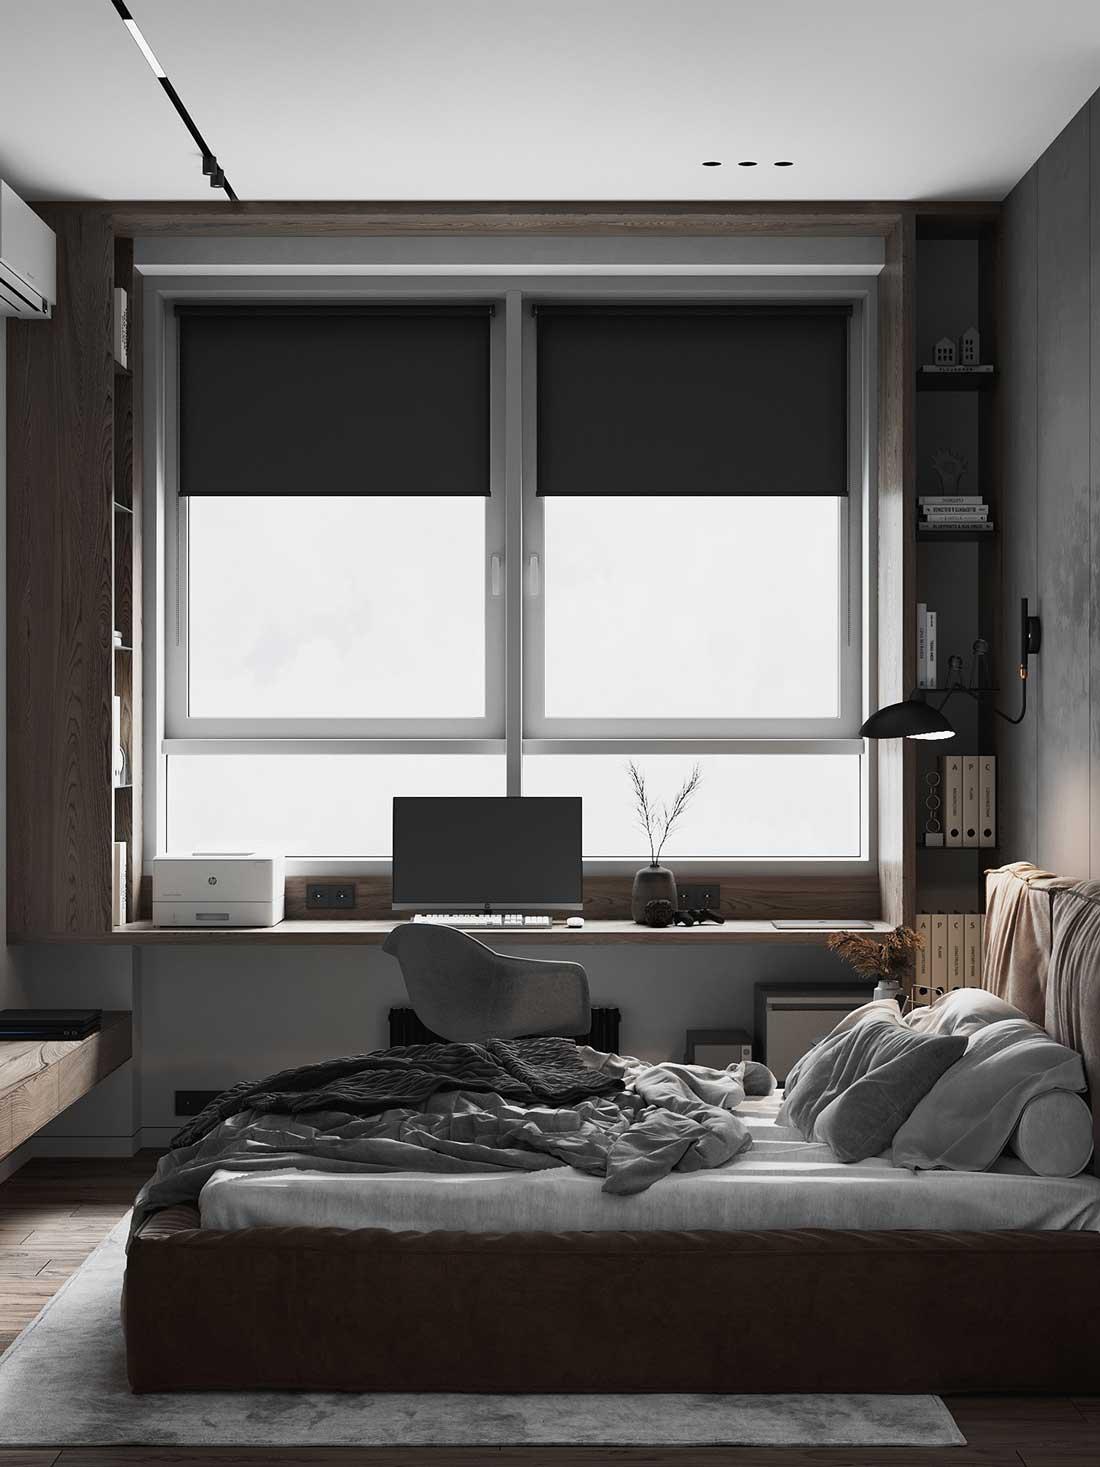 Une chambre lumineuse, minimaliste et fonctionnelle pour dormir et travailler